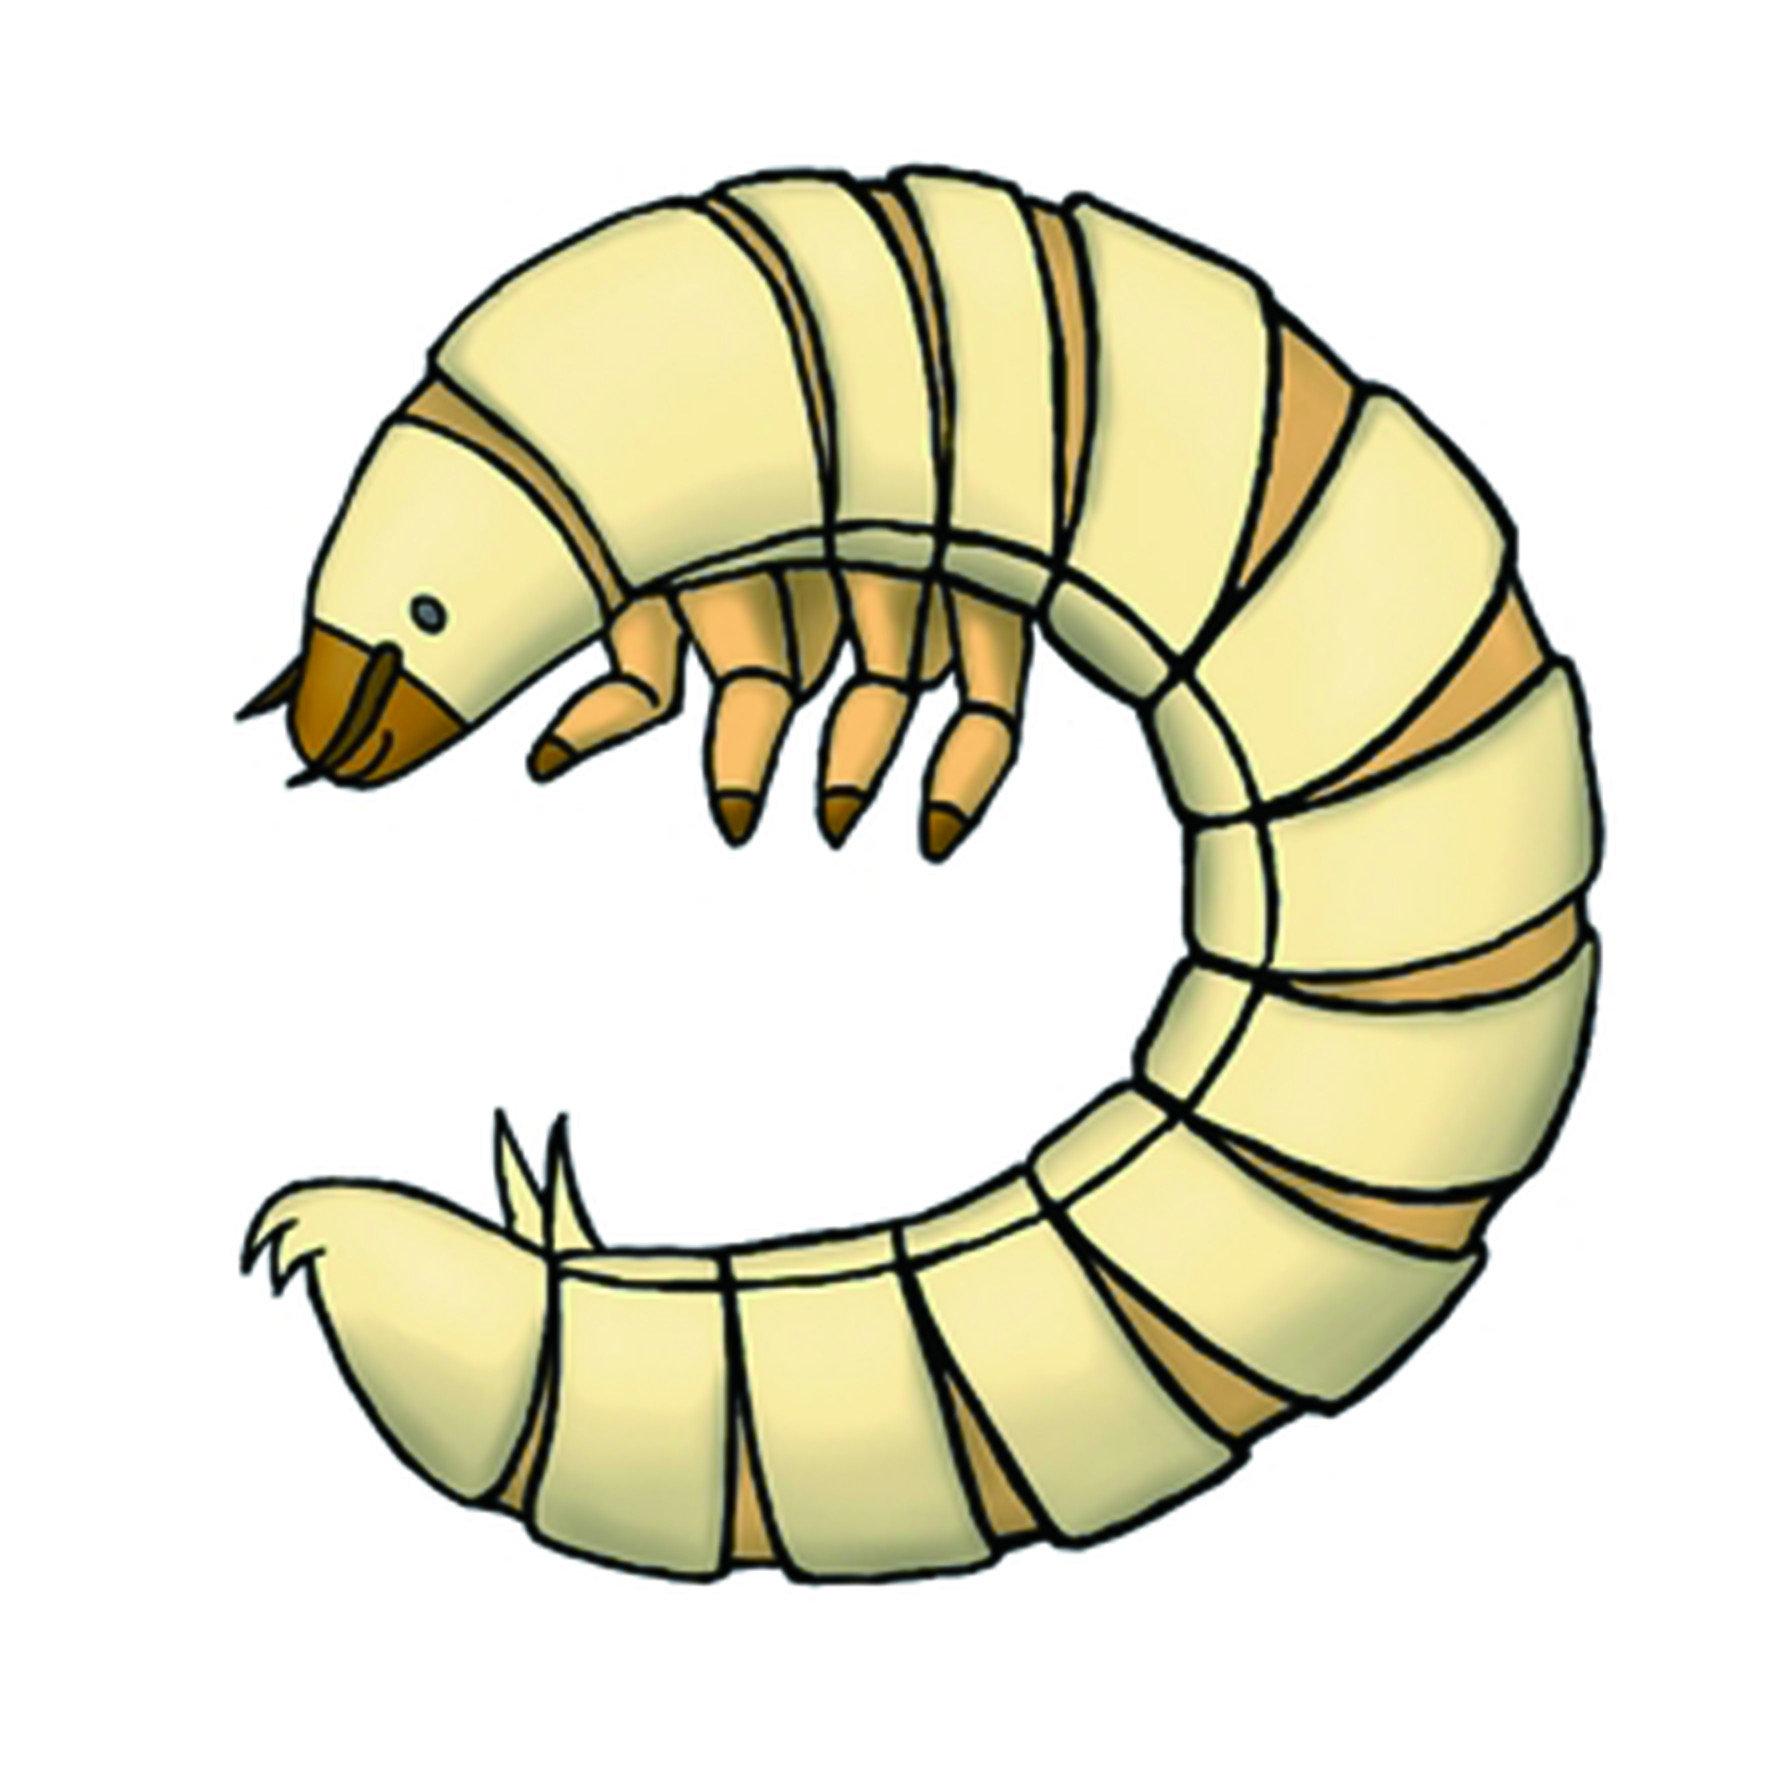 顧名思義,麵包蟲是以麵包、麥麩或腐敗的食物為食,正式中文名為「黃粉蟲」,是一種完全變態的昆蟲,幼蟲為黃色蠕蟲型態,成蟲為會飛的黑色甲蟲。麵包蟲幼蟲喜歡陰暗、潮濕的環境,成蟲也屬於夜行性昆蟲。